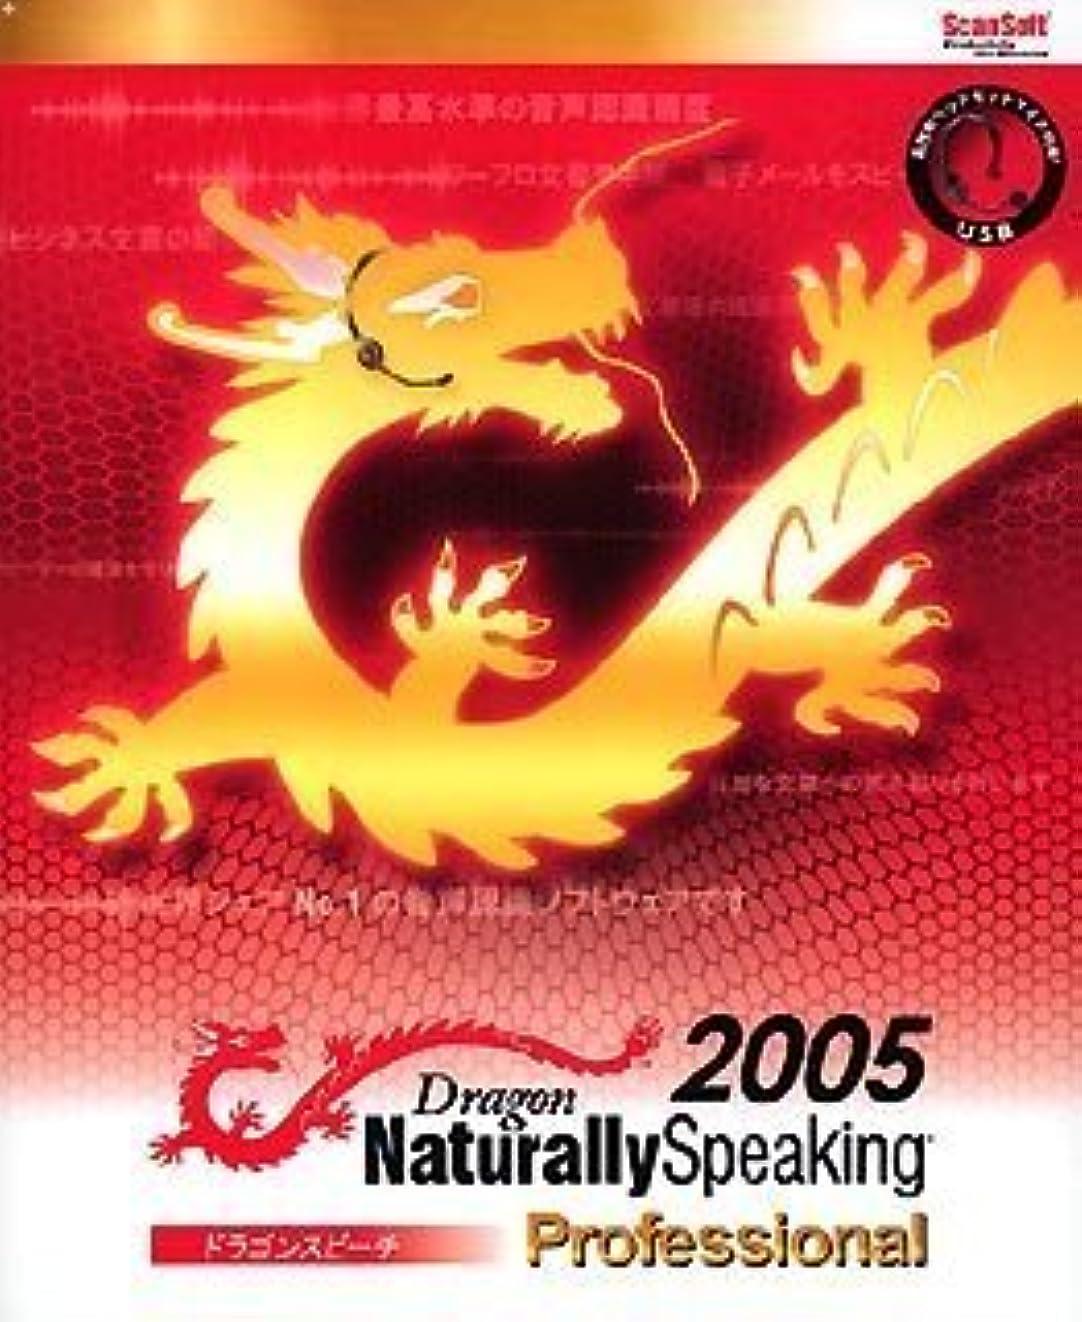 すばらしいです私たちの哺乳類Dragon NaturallySpeaking 05Pro 日本語版